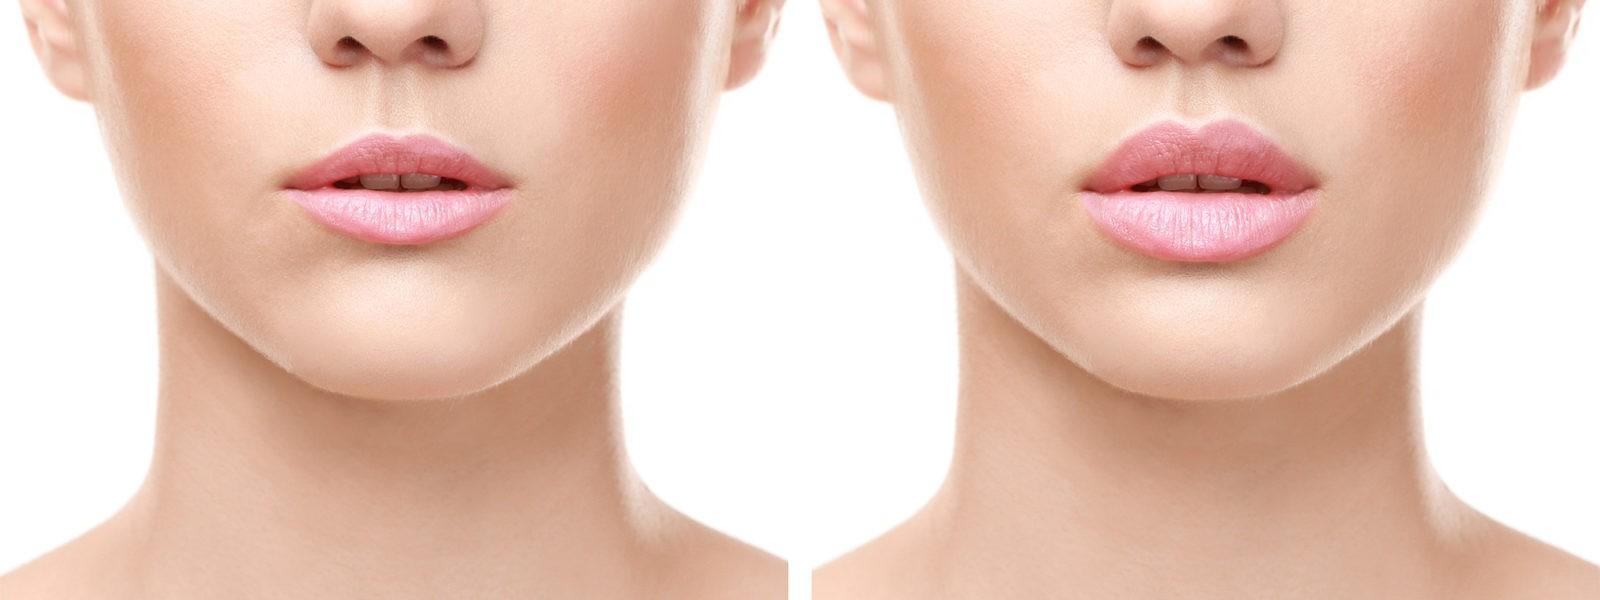 Инъекционная косметология для коррекции формы губ